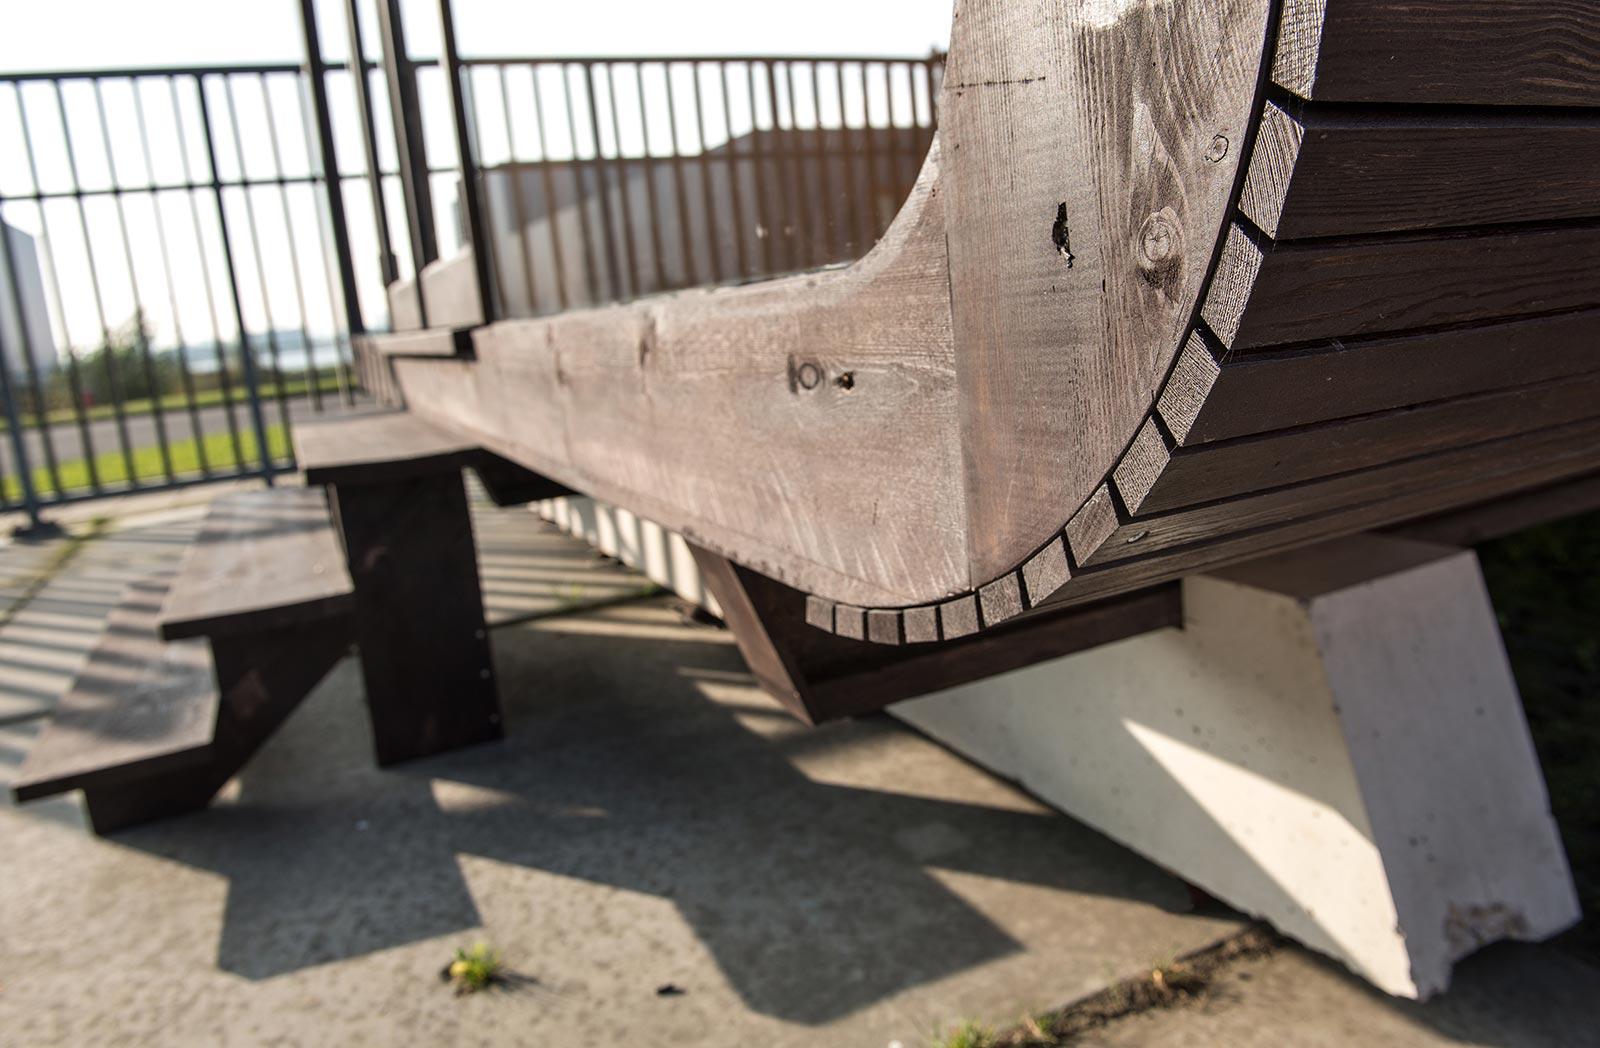 Tine House - Das Papphaus steht erhöht und trocken. Gegen Wind und Wetter schützt die außenseitige Miotex-Folie, sie sollte alle 30 Jahre erneuert werden